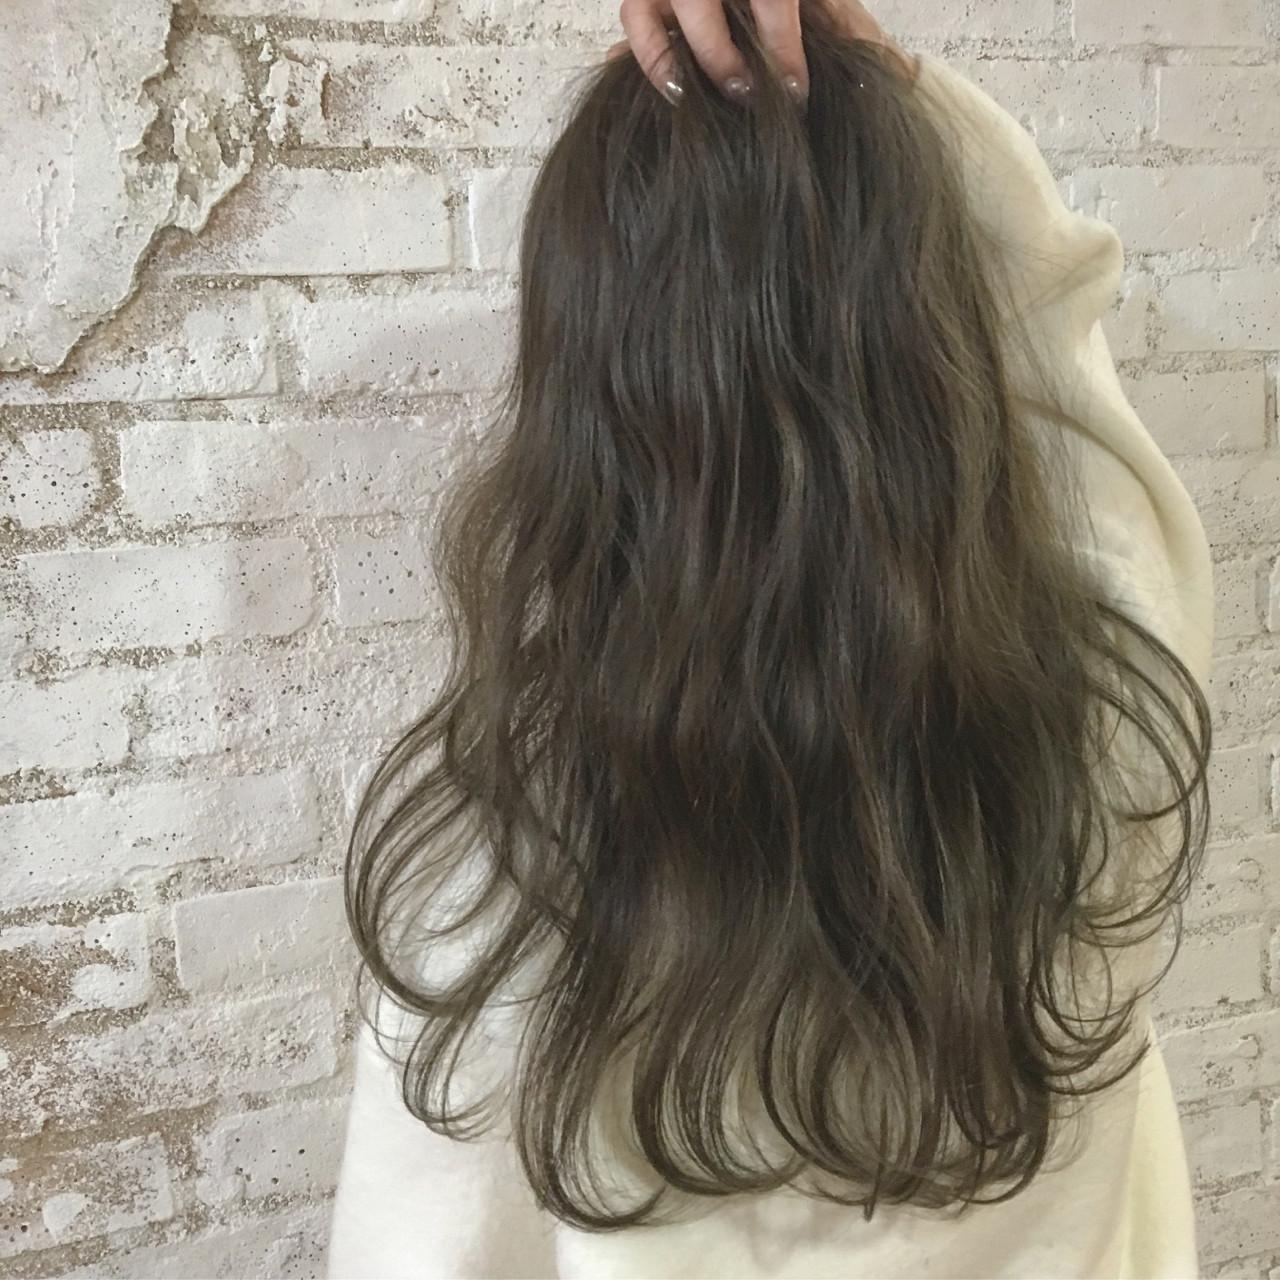 ゆるふわ ナチュラル 波ウェーブ 愛され ヘアスタイルや髪型の写真・画像